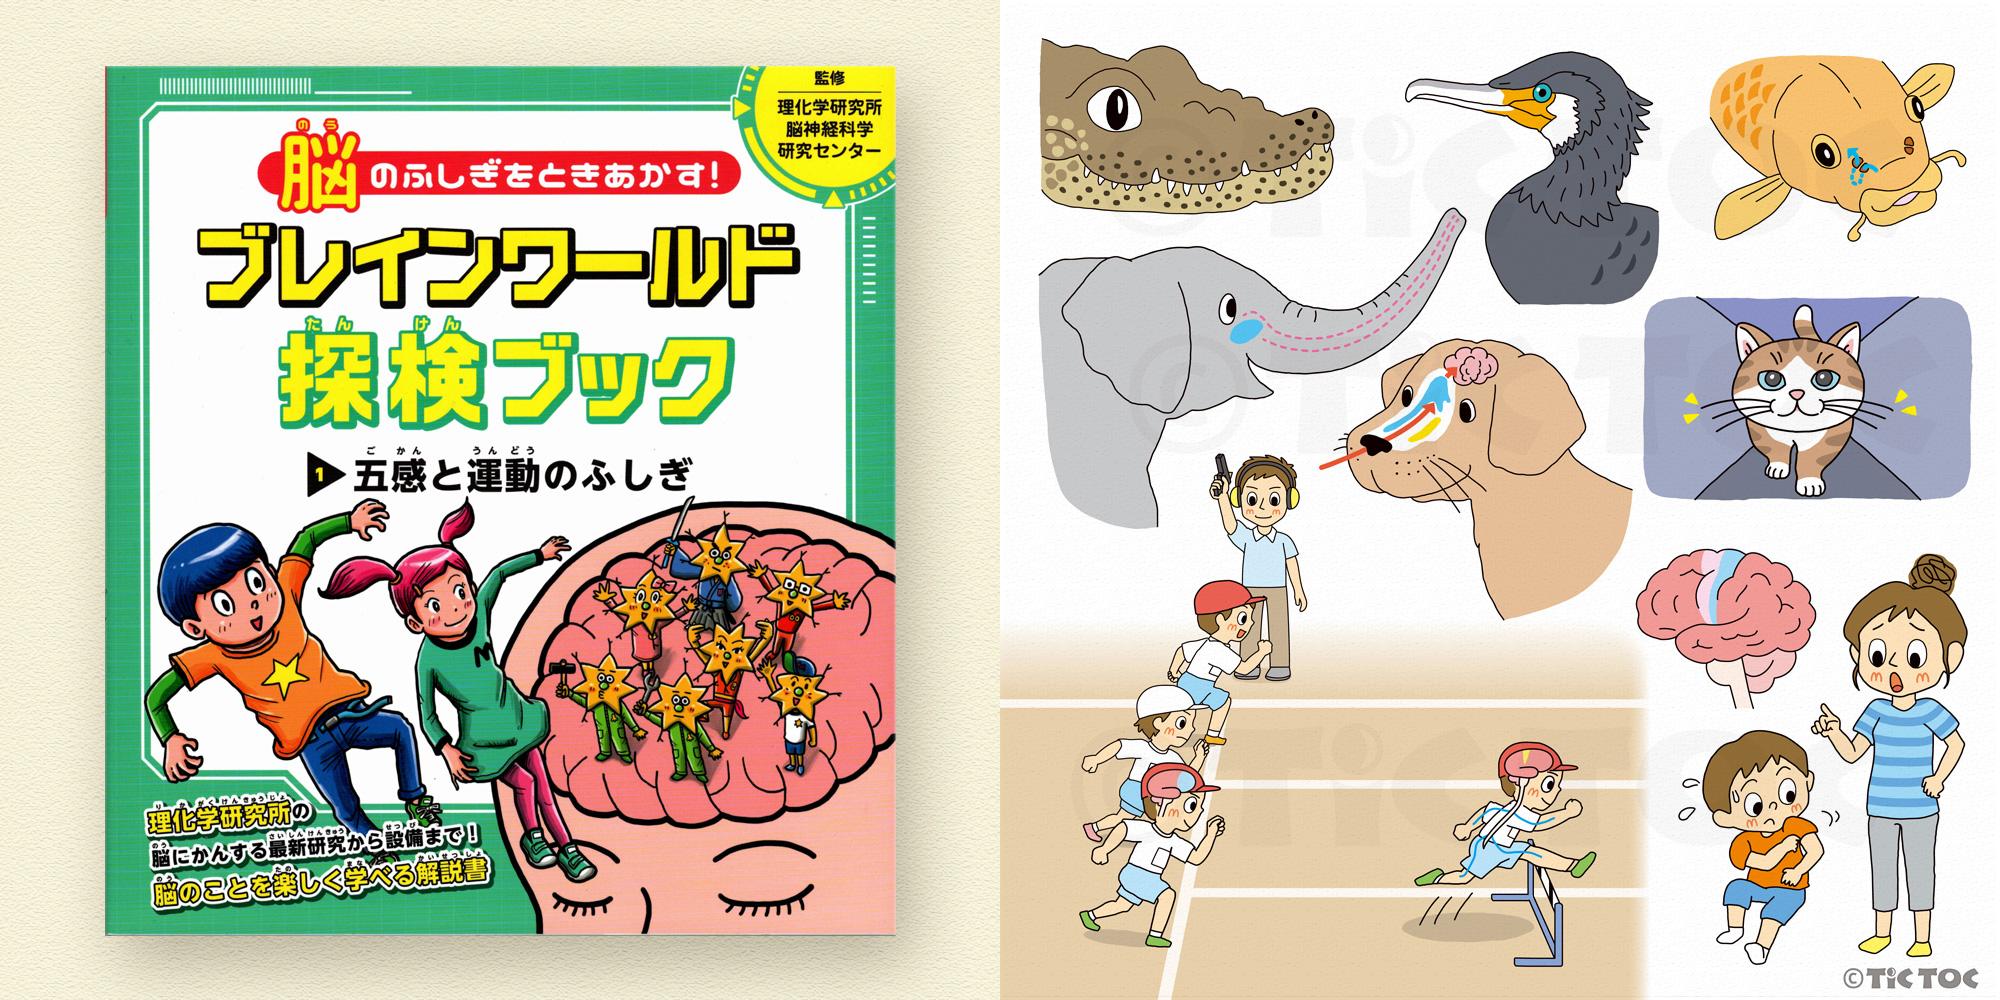 脳のふしぎをときあかす! ブレインワールド探検ブック 第1巻 五感と運動のふしぎ(文研出版)